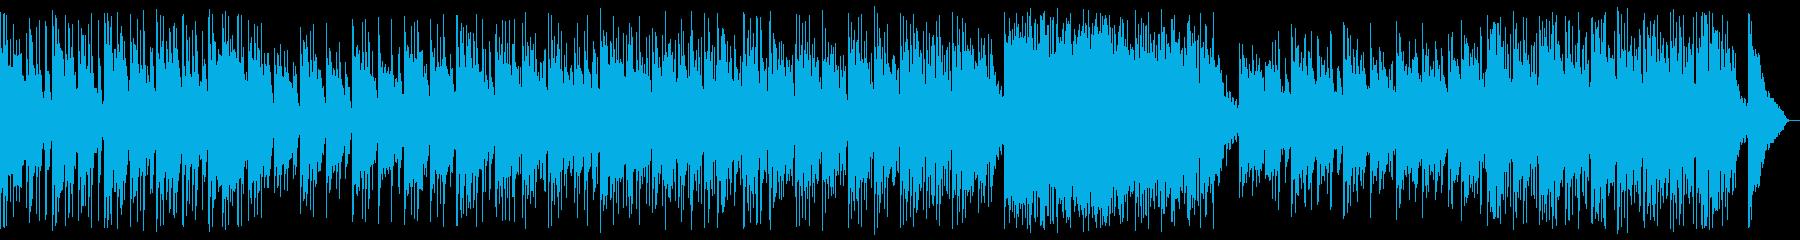 神秘的なくつろぎアンビエントの再生済みの波形